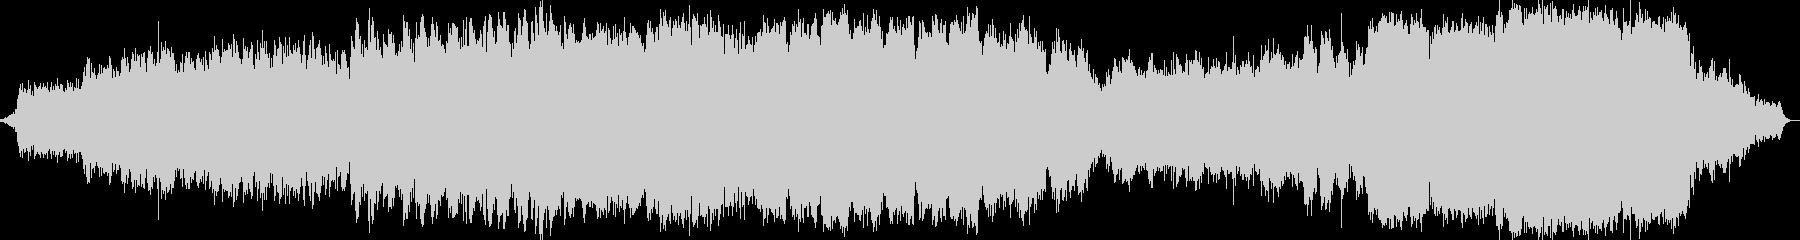 シンセサイザーオーケストラ音楽の未再生の波形